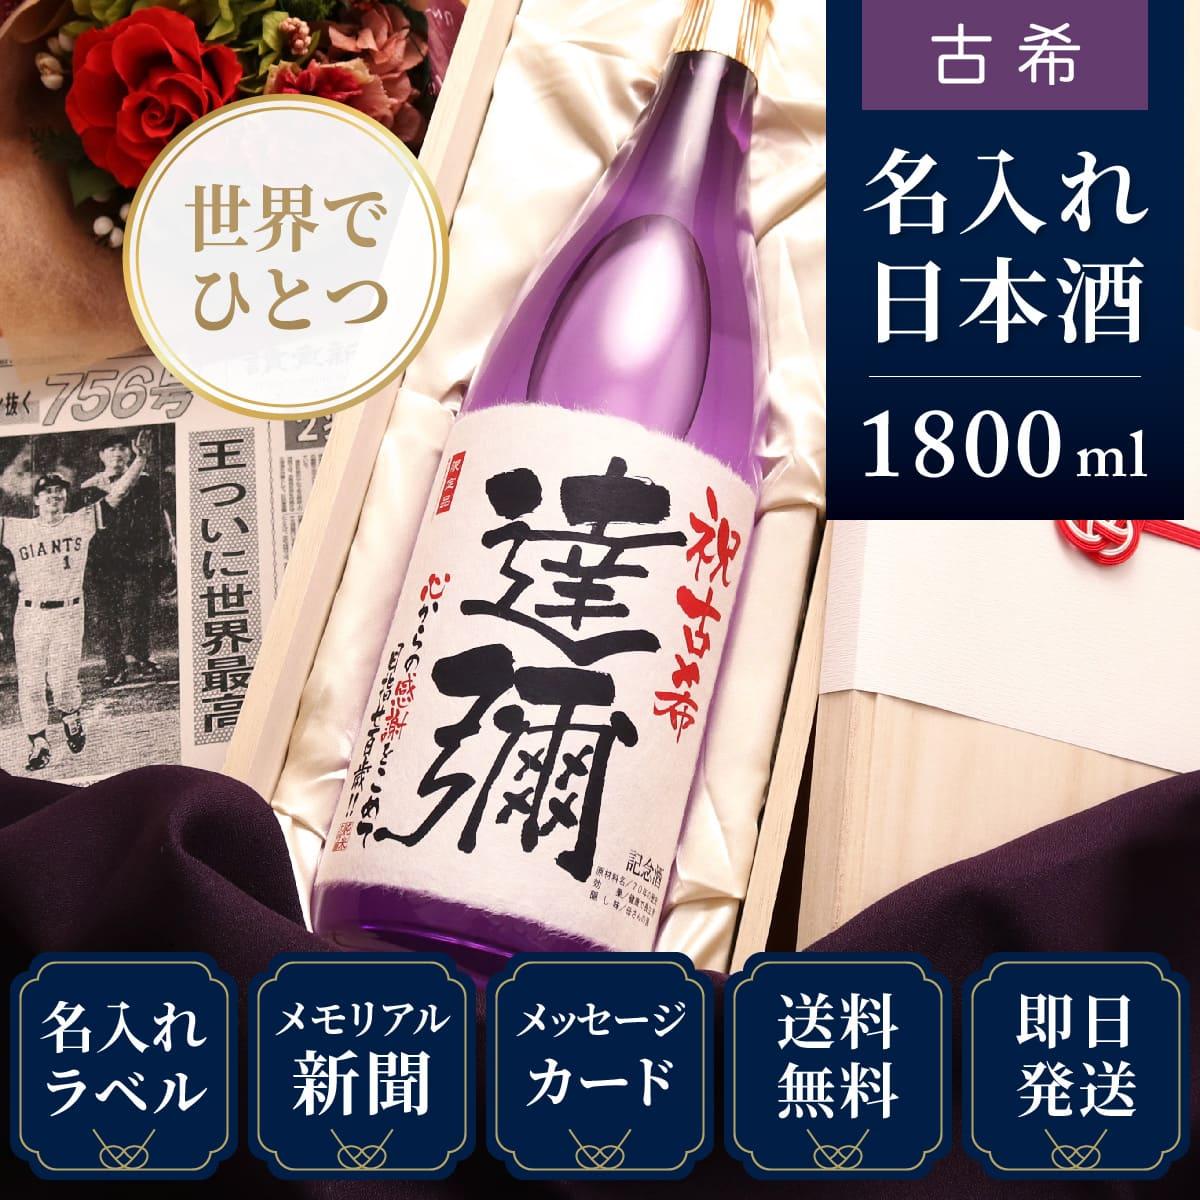 古希祝いプレゼント|記念日の新聞付き名入れ「紫龍」1800ml(日本酒)